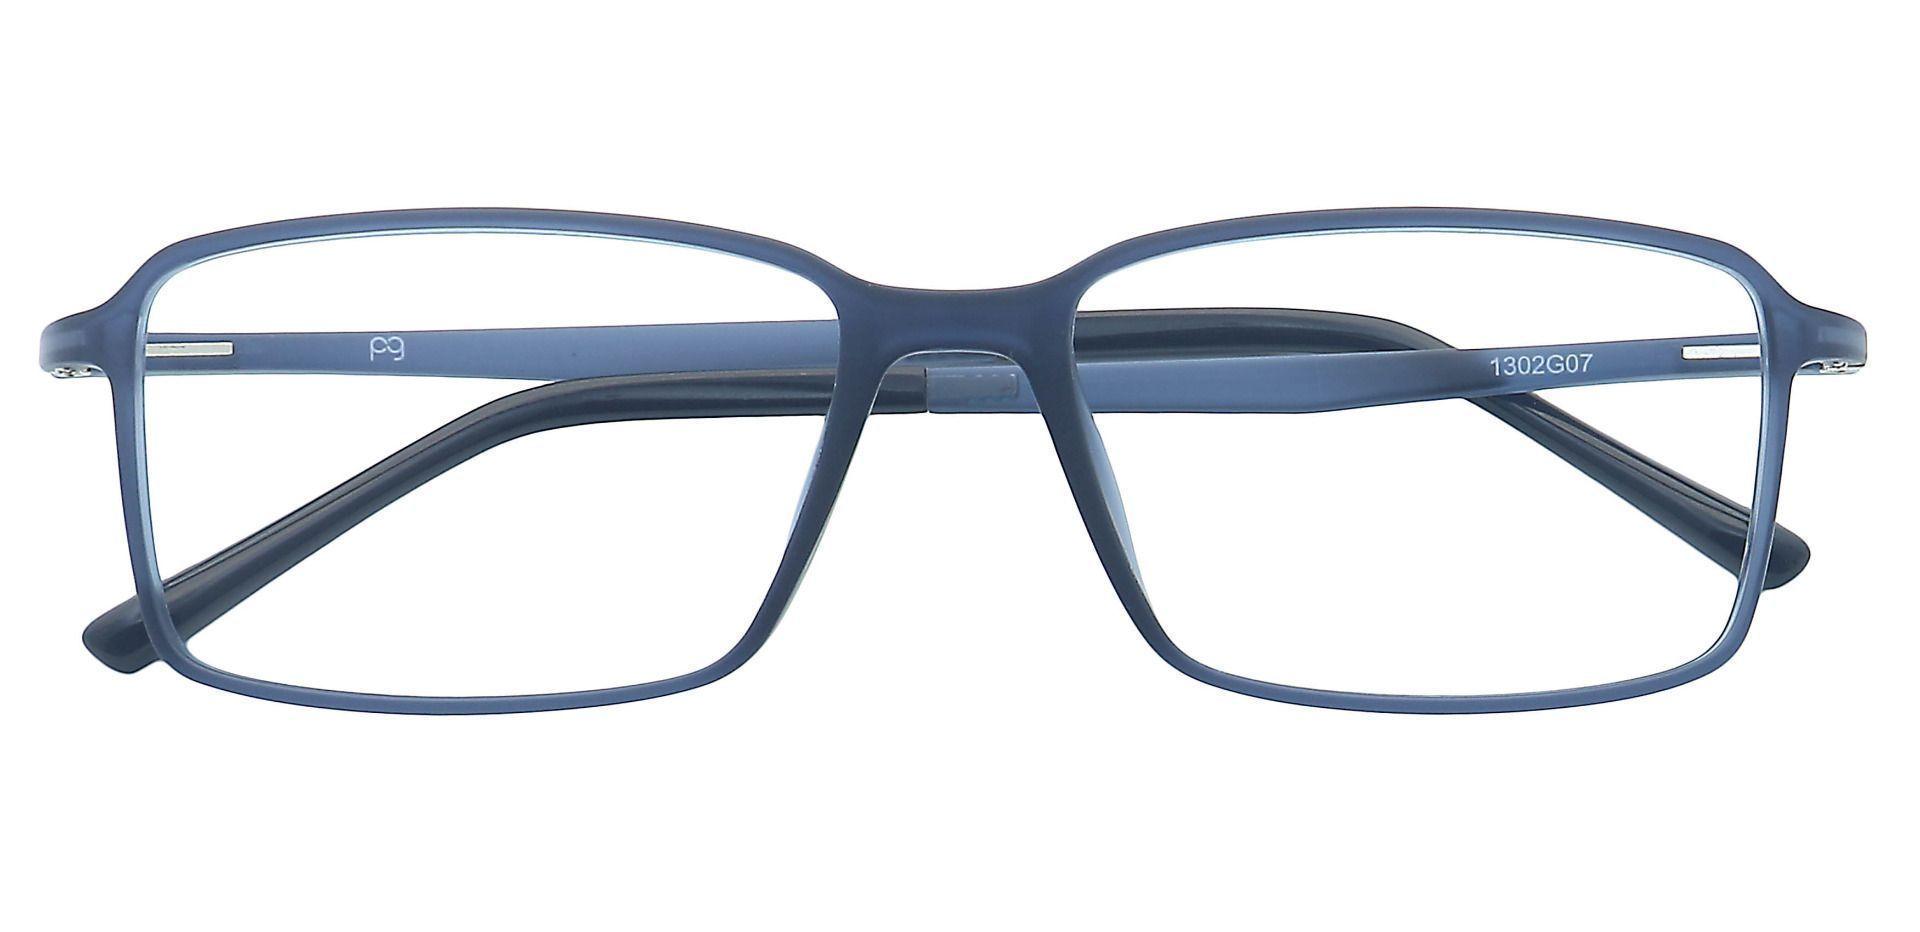 Logan Square Non-Rx Glasses - Gray